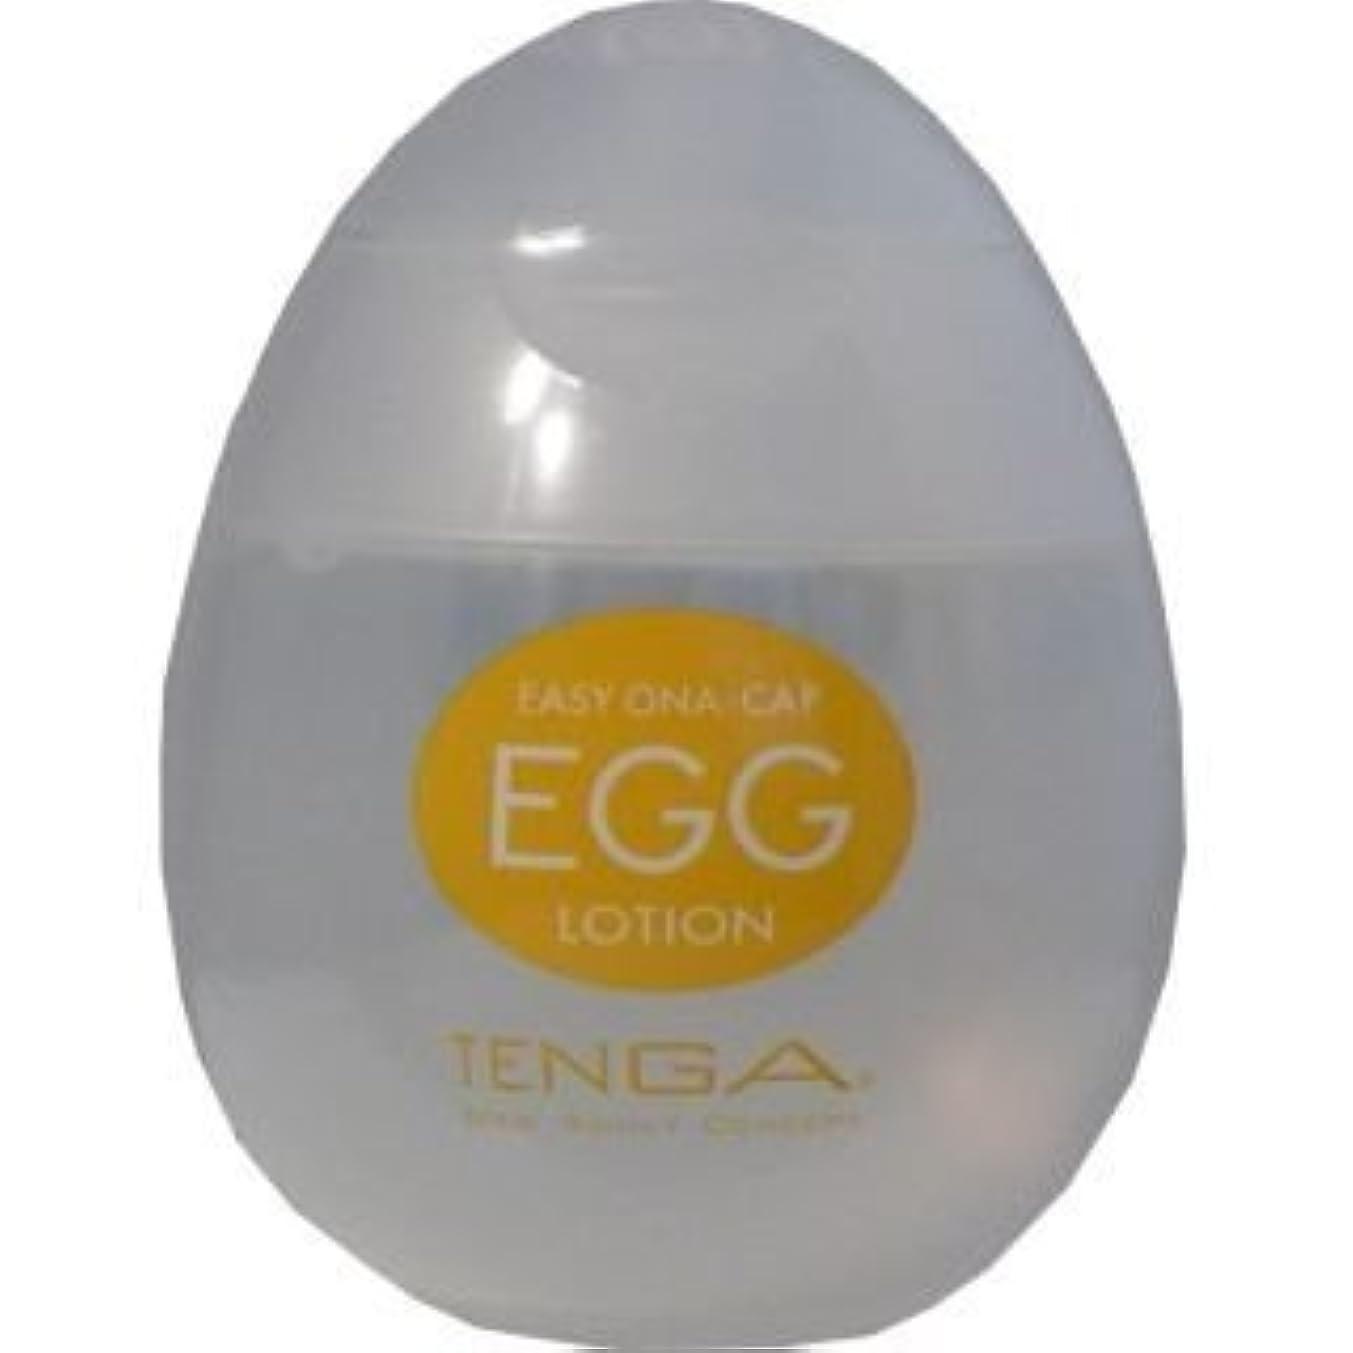 ローブ衝突する知っているに立ち寄る保湿成分配合で潤い長持ち!TENGA(テンガ) EGG LOTION(エッグローション) EGGL-001【2個セット】